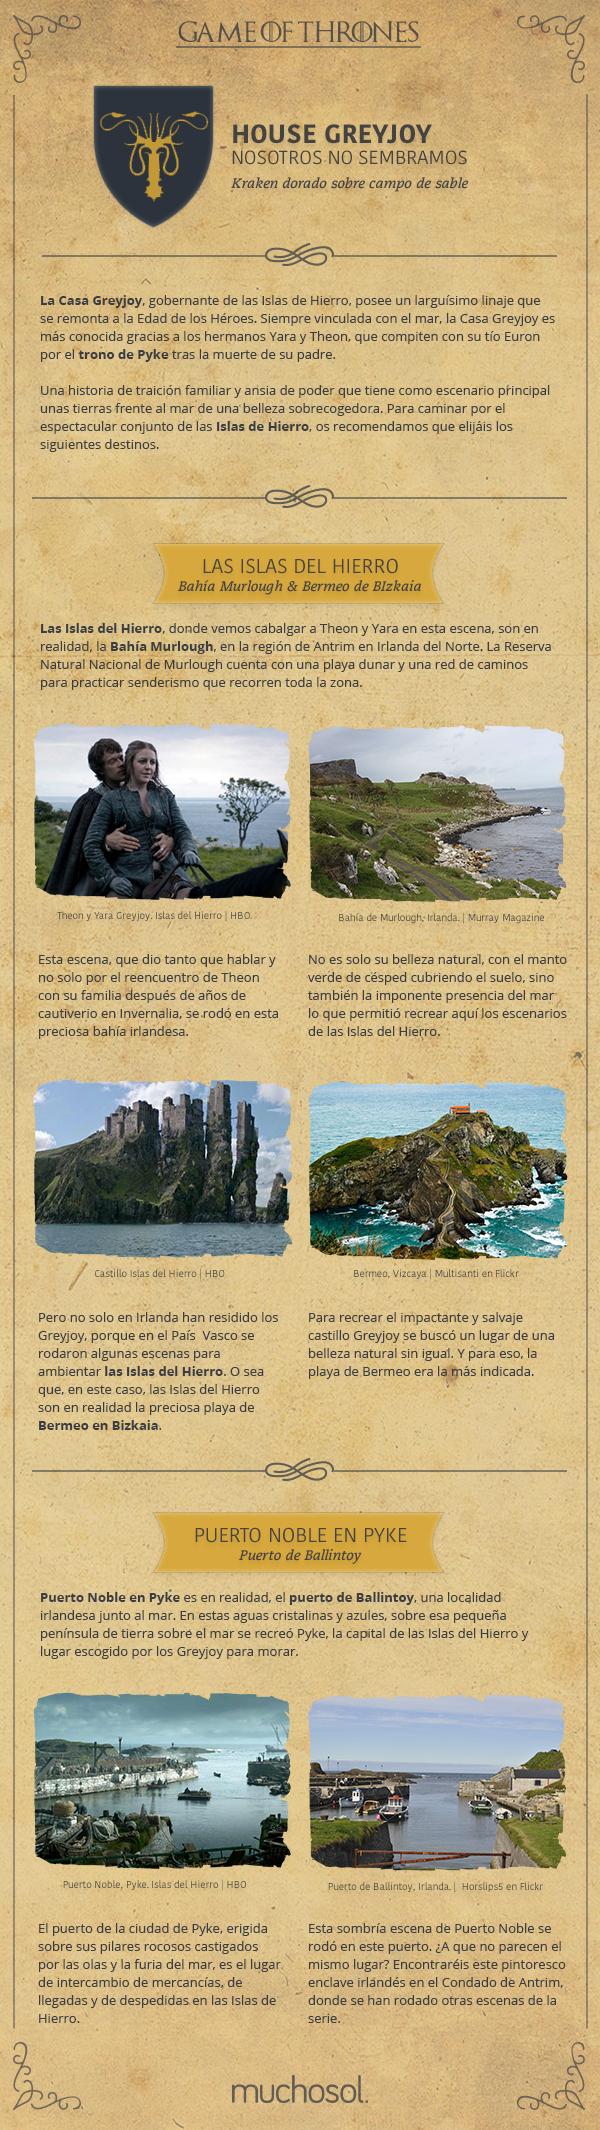 Las localizaciones de juego de tronos de la familia Greyjoy